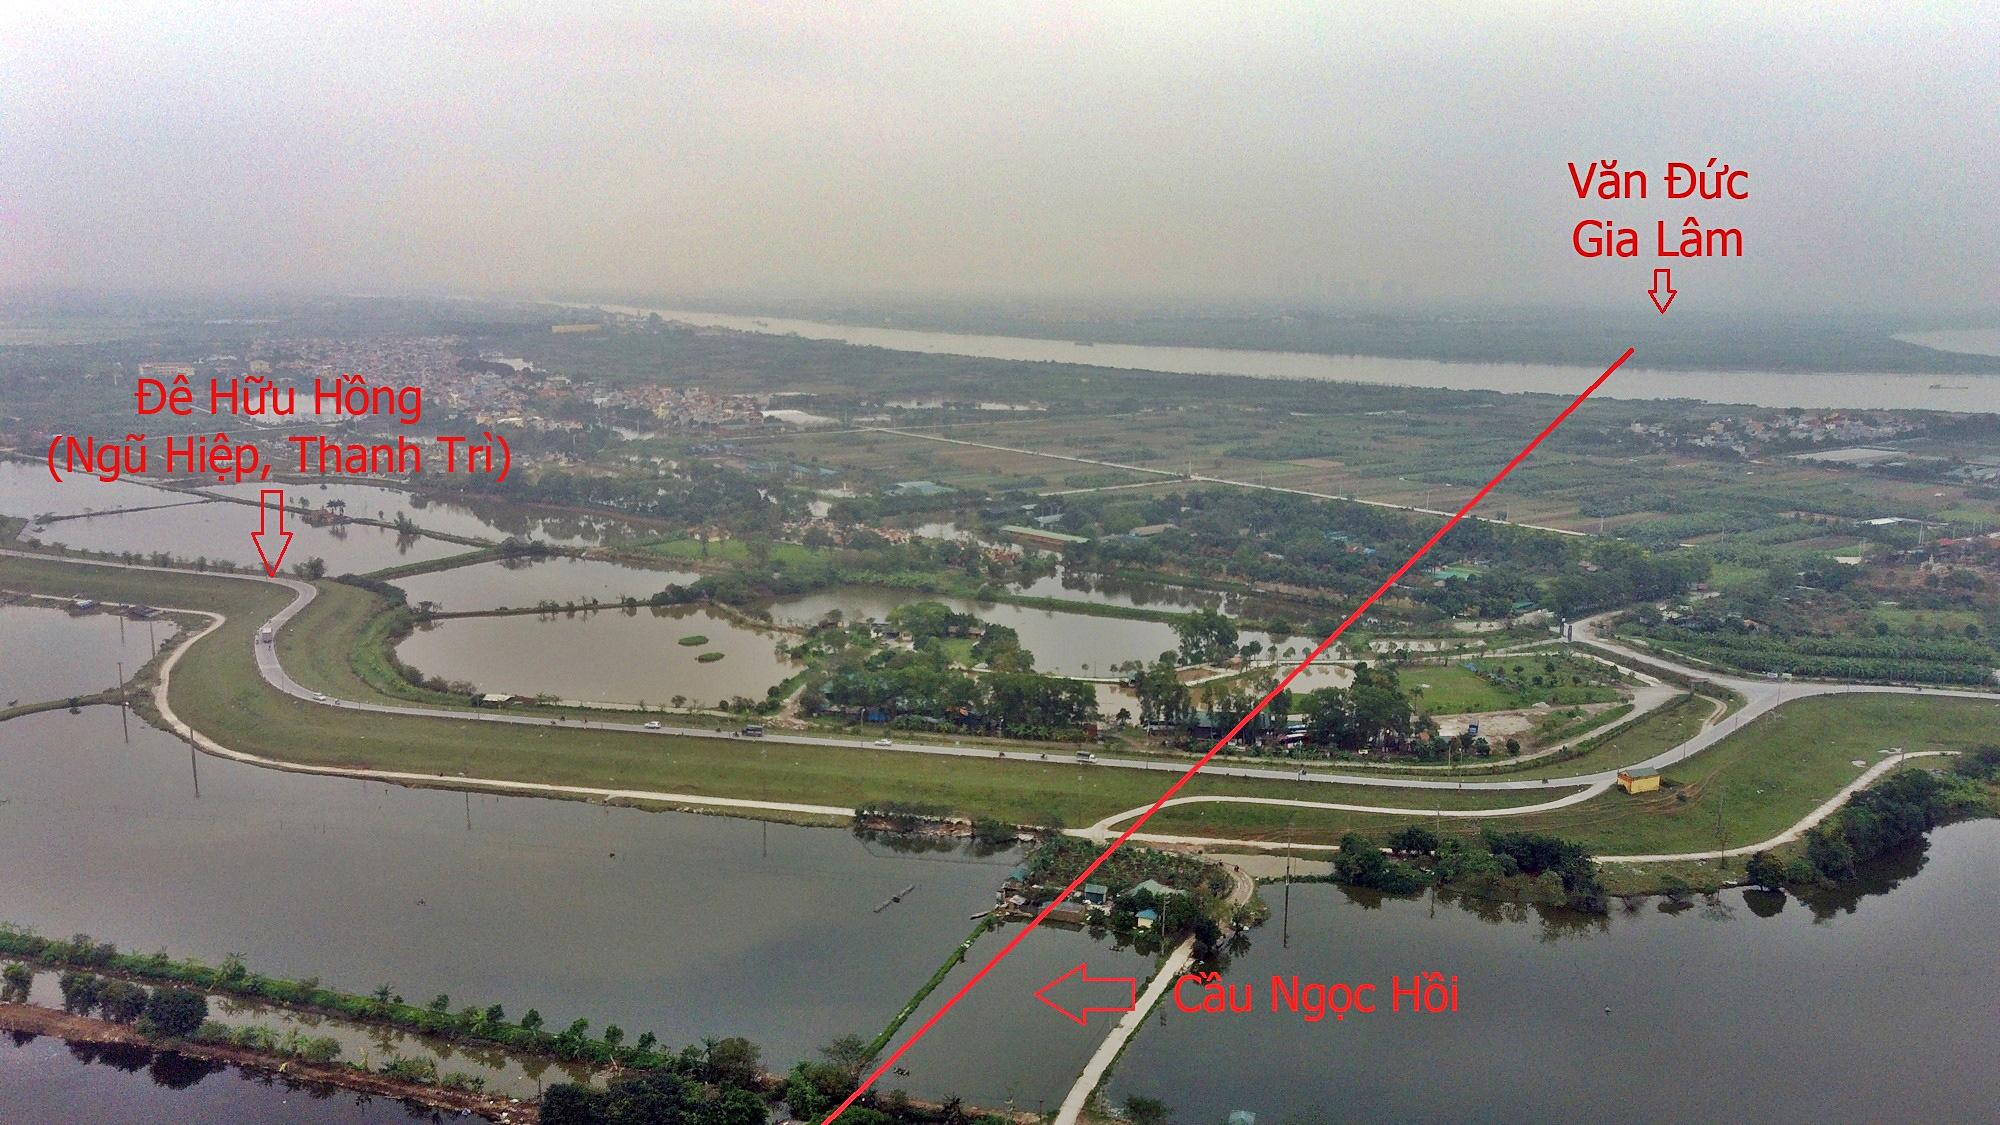 Cầu sẽ mở theo qui hoạch ở Hà Nội: Toàn cảnh cầu Ngọc Hồi nối Hà Nội với Hưng Yên - Ảnh 9.